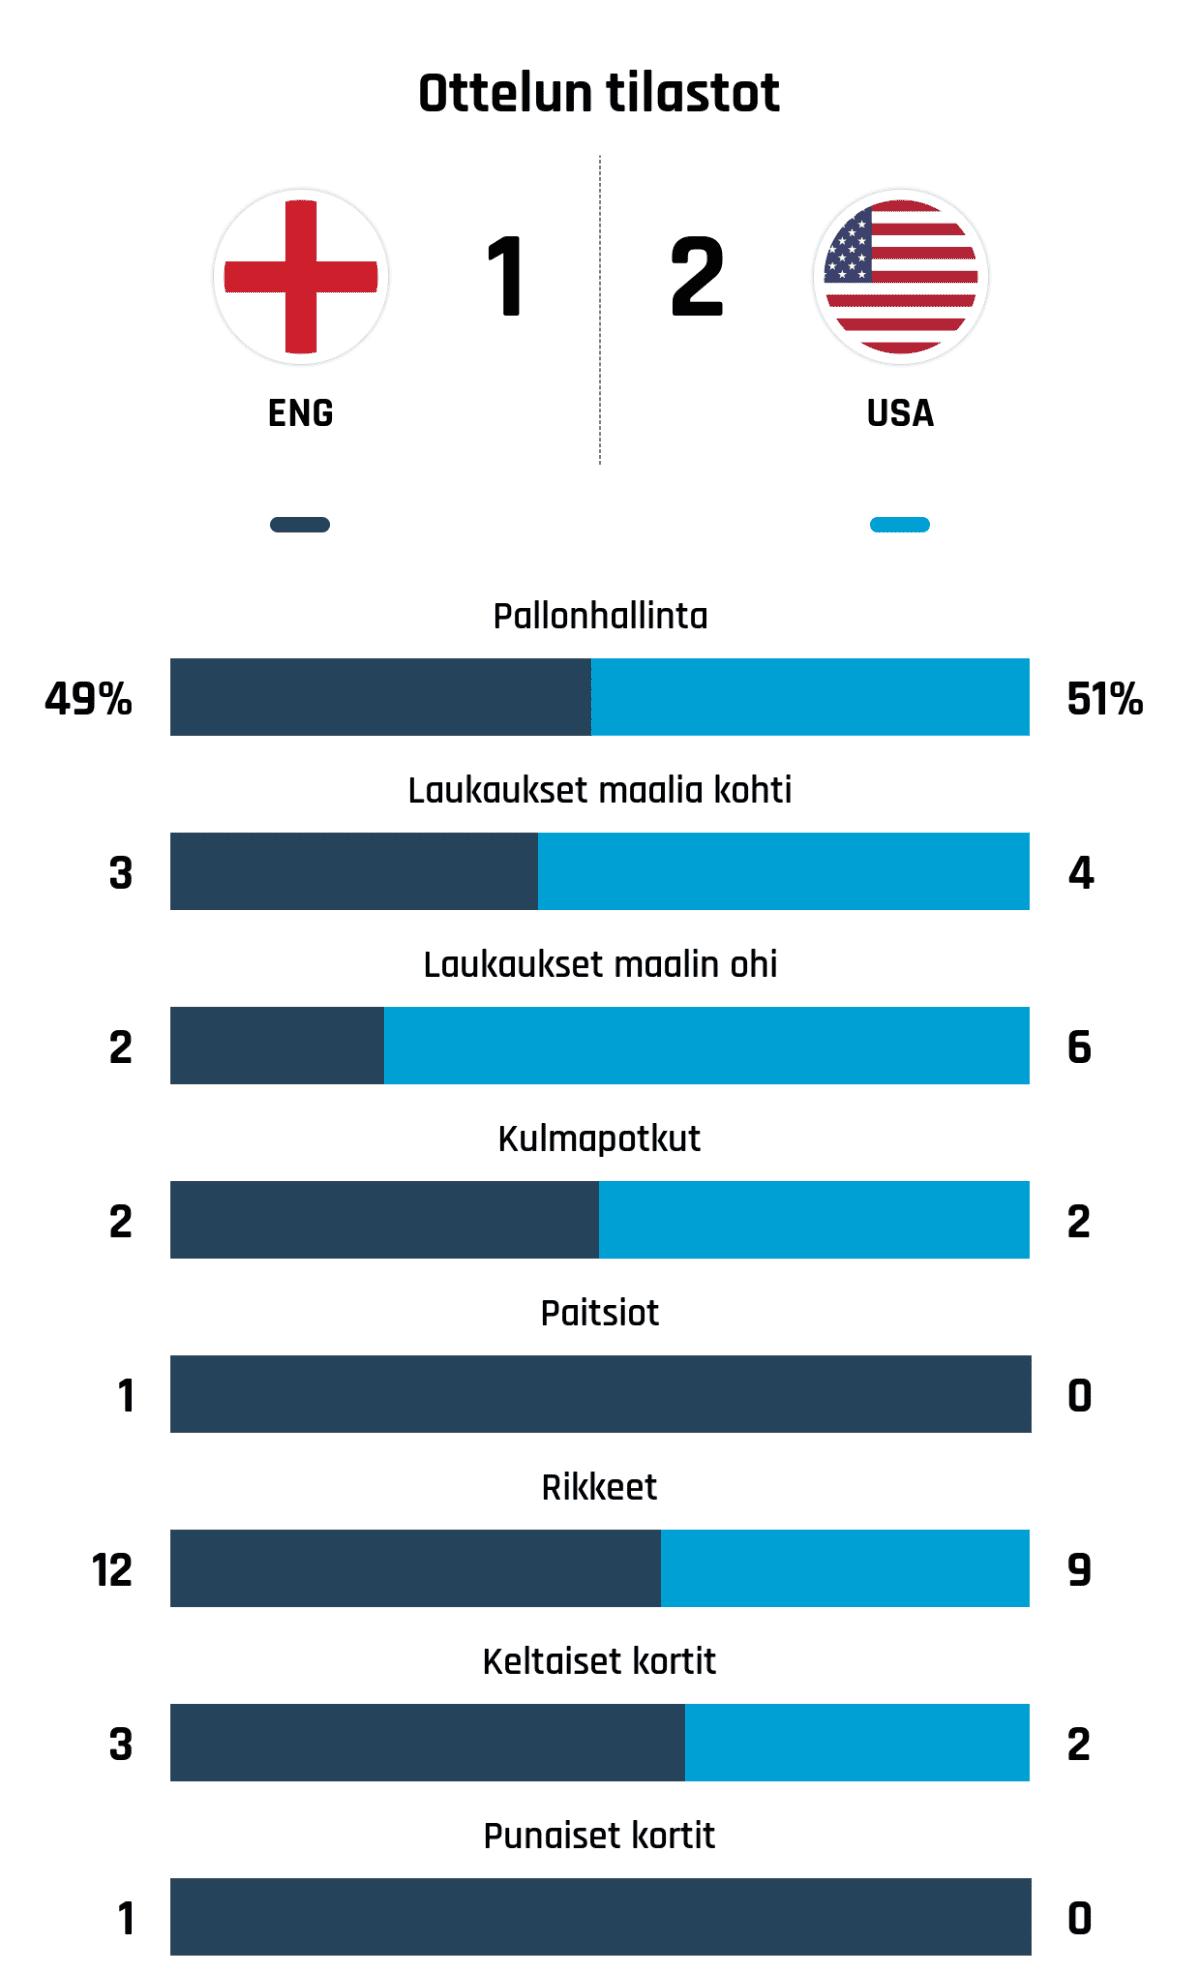 Pallonhallinta 49%-51% Laukaukset maalia kohti 3-4 Laukaukset maalin ohi 2-6 Kulmapotkut 2-2 Paitsiot 1-0 Rikkeet 12-9 Keltaiset kortit 3-2 Punaiset kortit 1-0